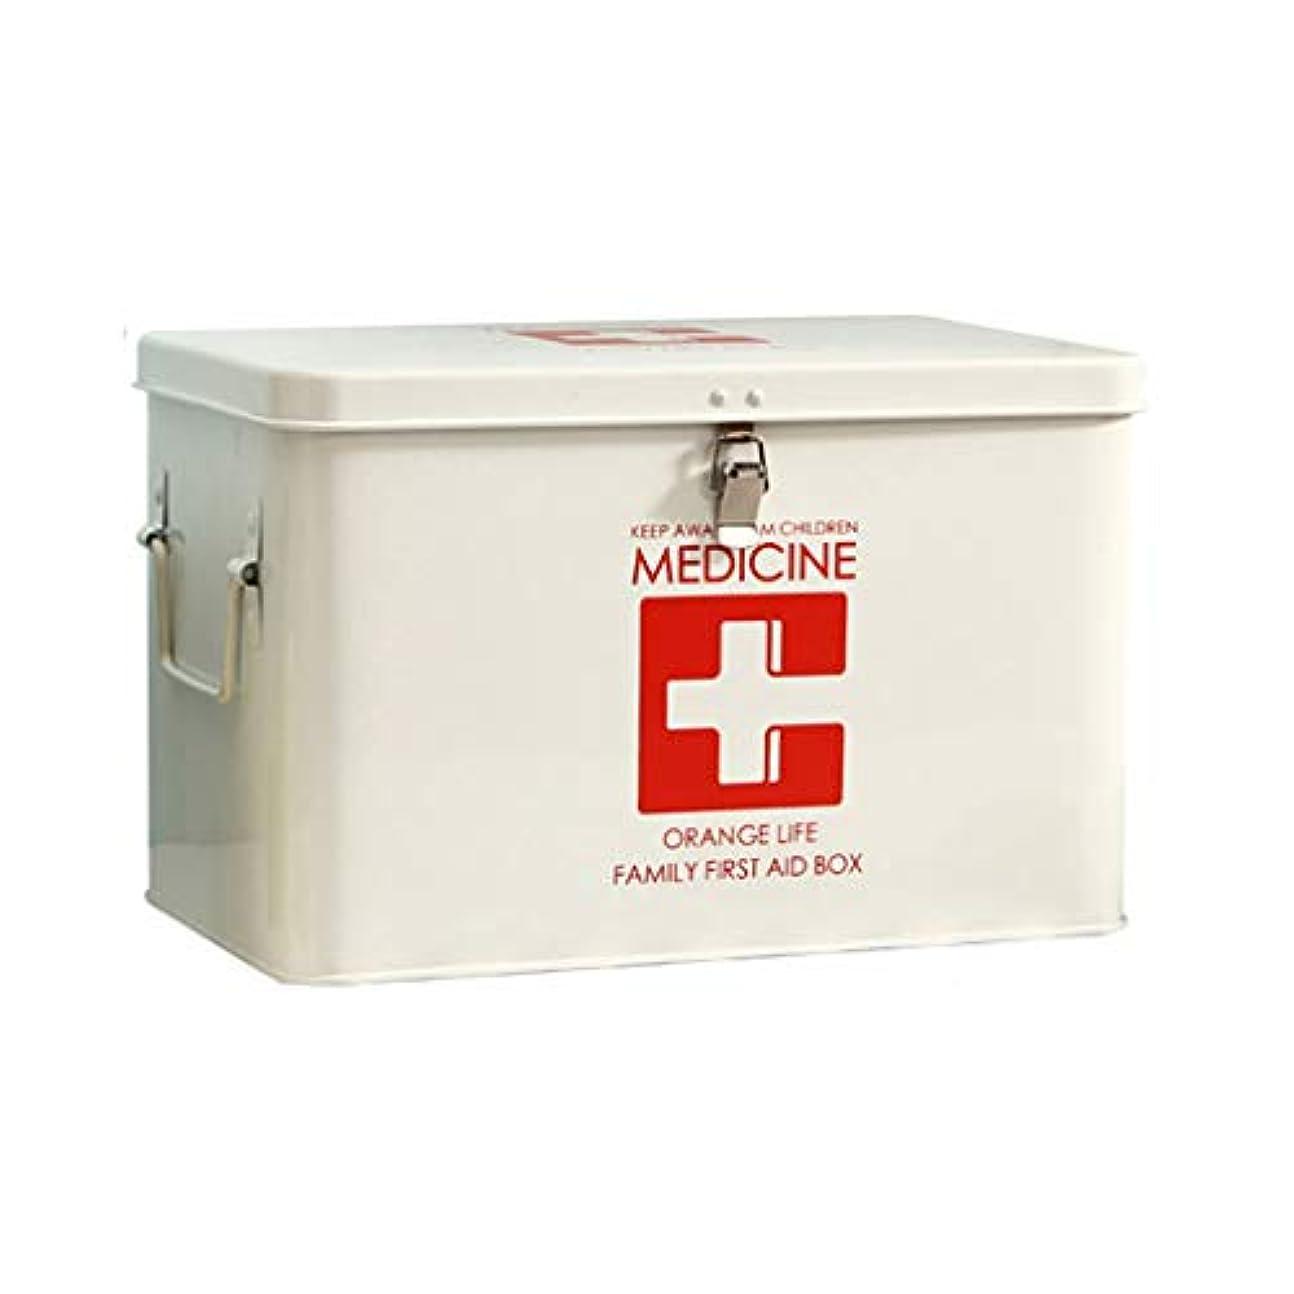 有益役に立たないミュージカルKKYY メディシンボックスプレゼントタイムレッド、ホワイトクロスメタルメディシンストレージボックス、食品、医薬品、家庭の安全のための大きくて衛生的なロックボックス